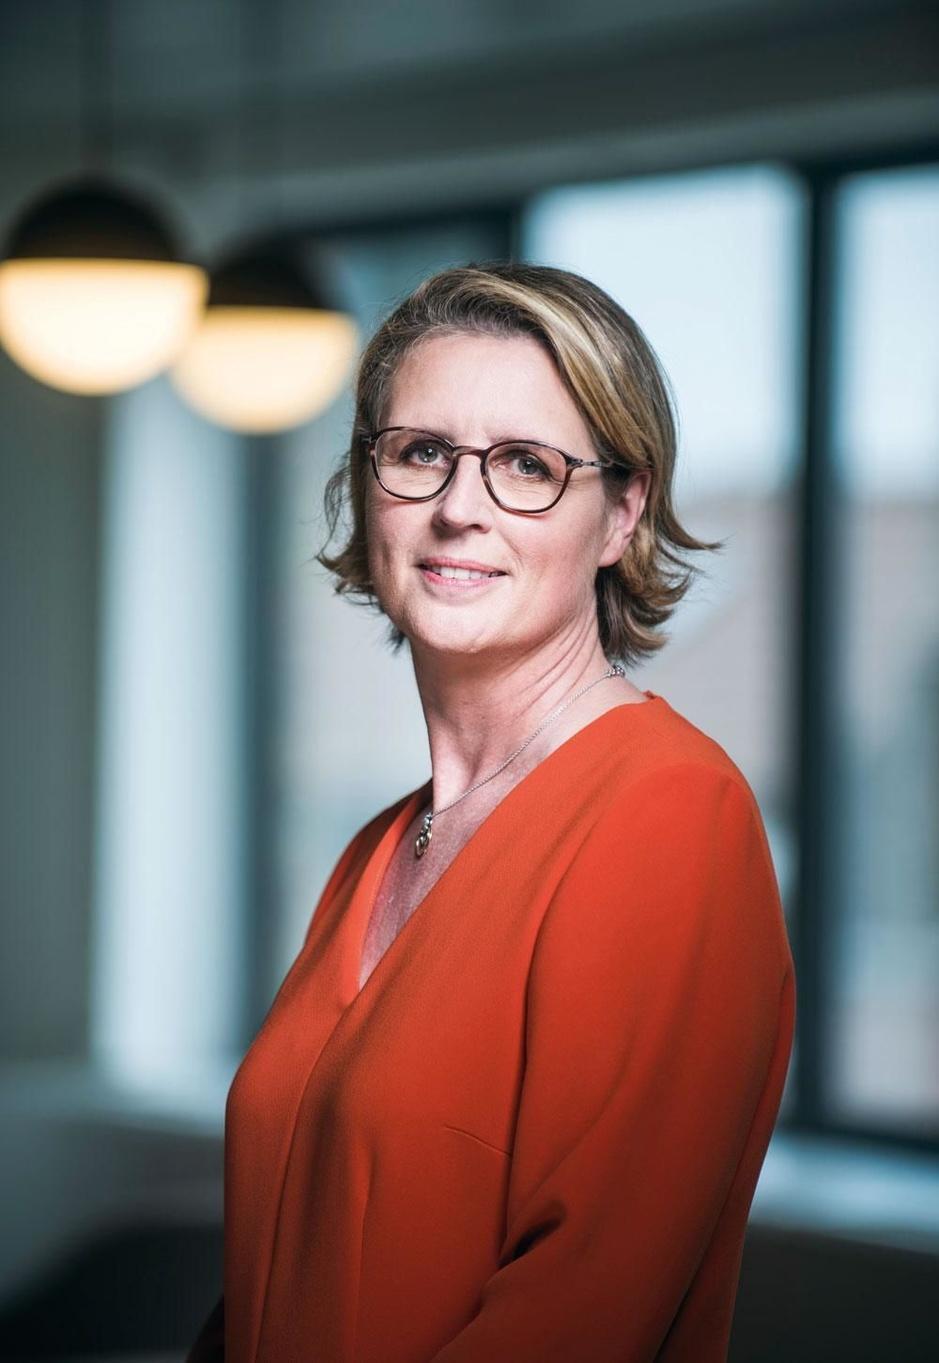 CFO of the Year Catherine Vandenborre (Elia): 'Ik ben gepassioneerd door maatschappelijke kwesties'